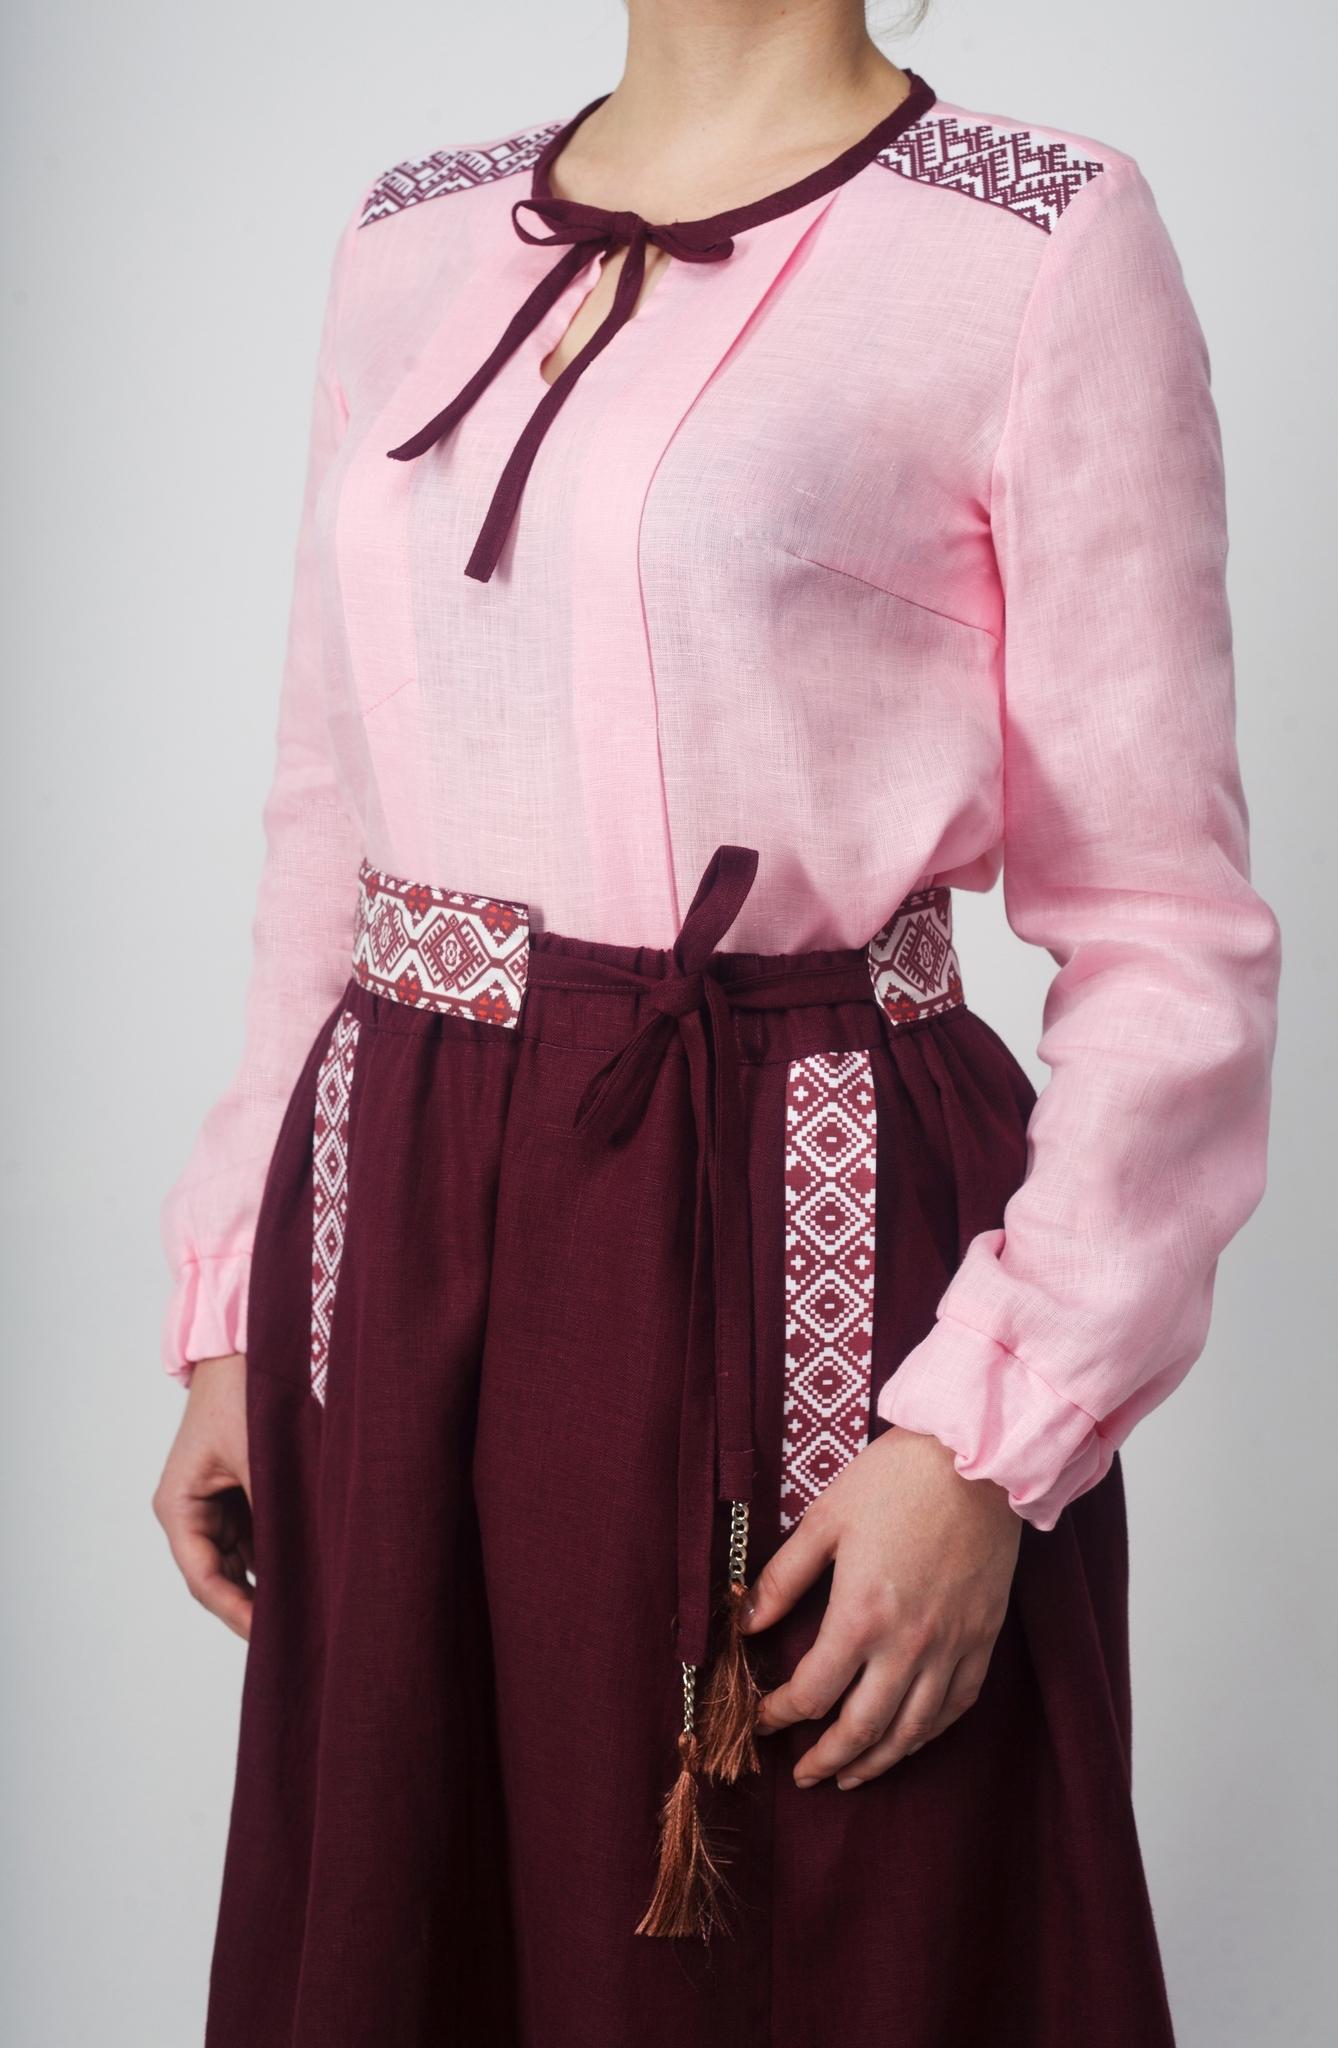 Блуза Самоцветы (Сапфир) Приближенный фрагмент